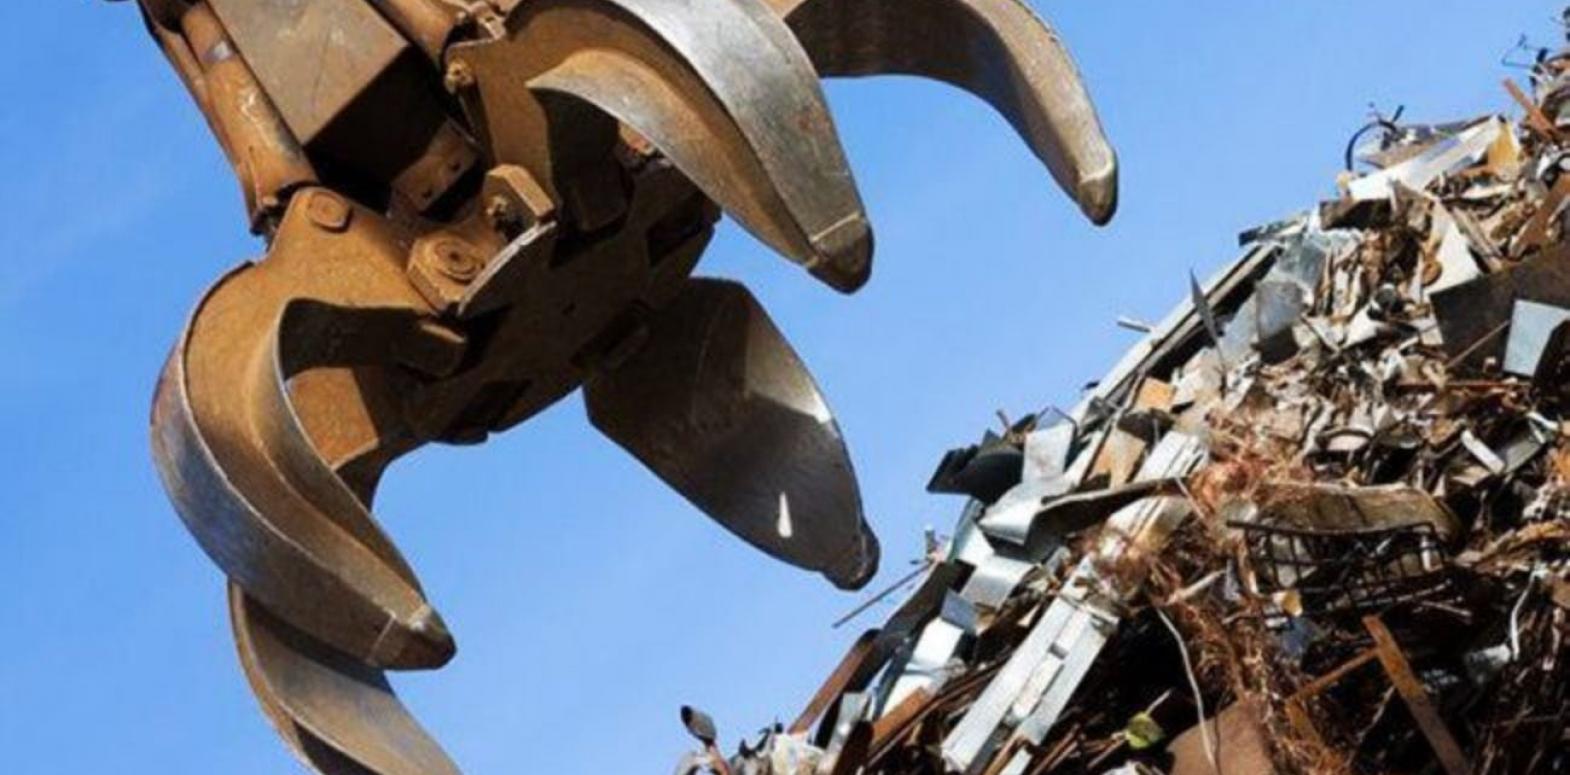 Украина теряет деньги на экспорте металлолома, необходимо ввести мораторий на вывоз сырья, - нардеп